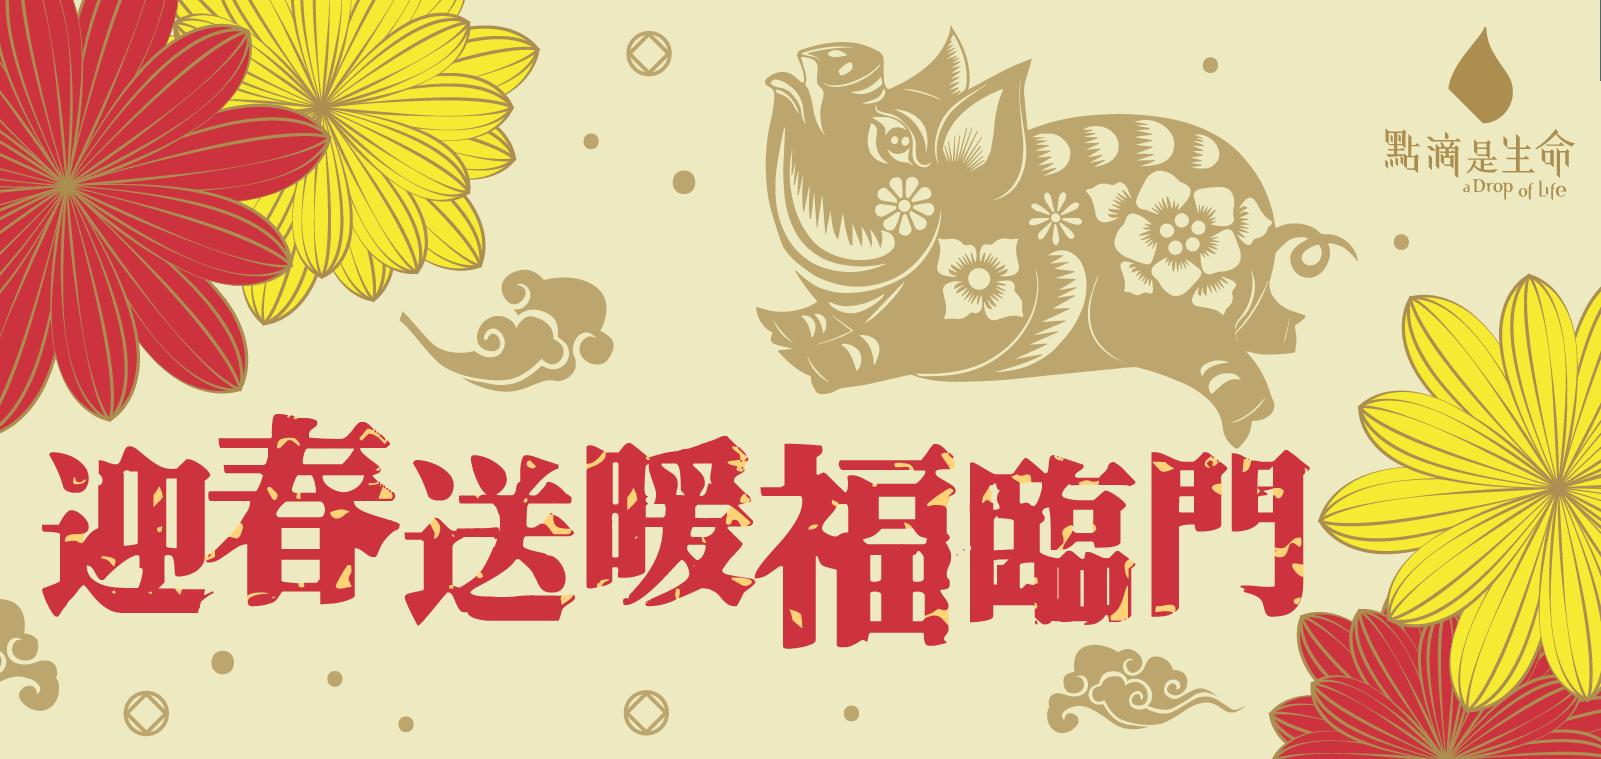 【迎春送暖福臨門】送贈新年福袋2019